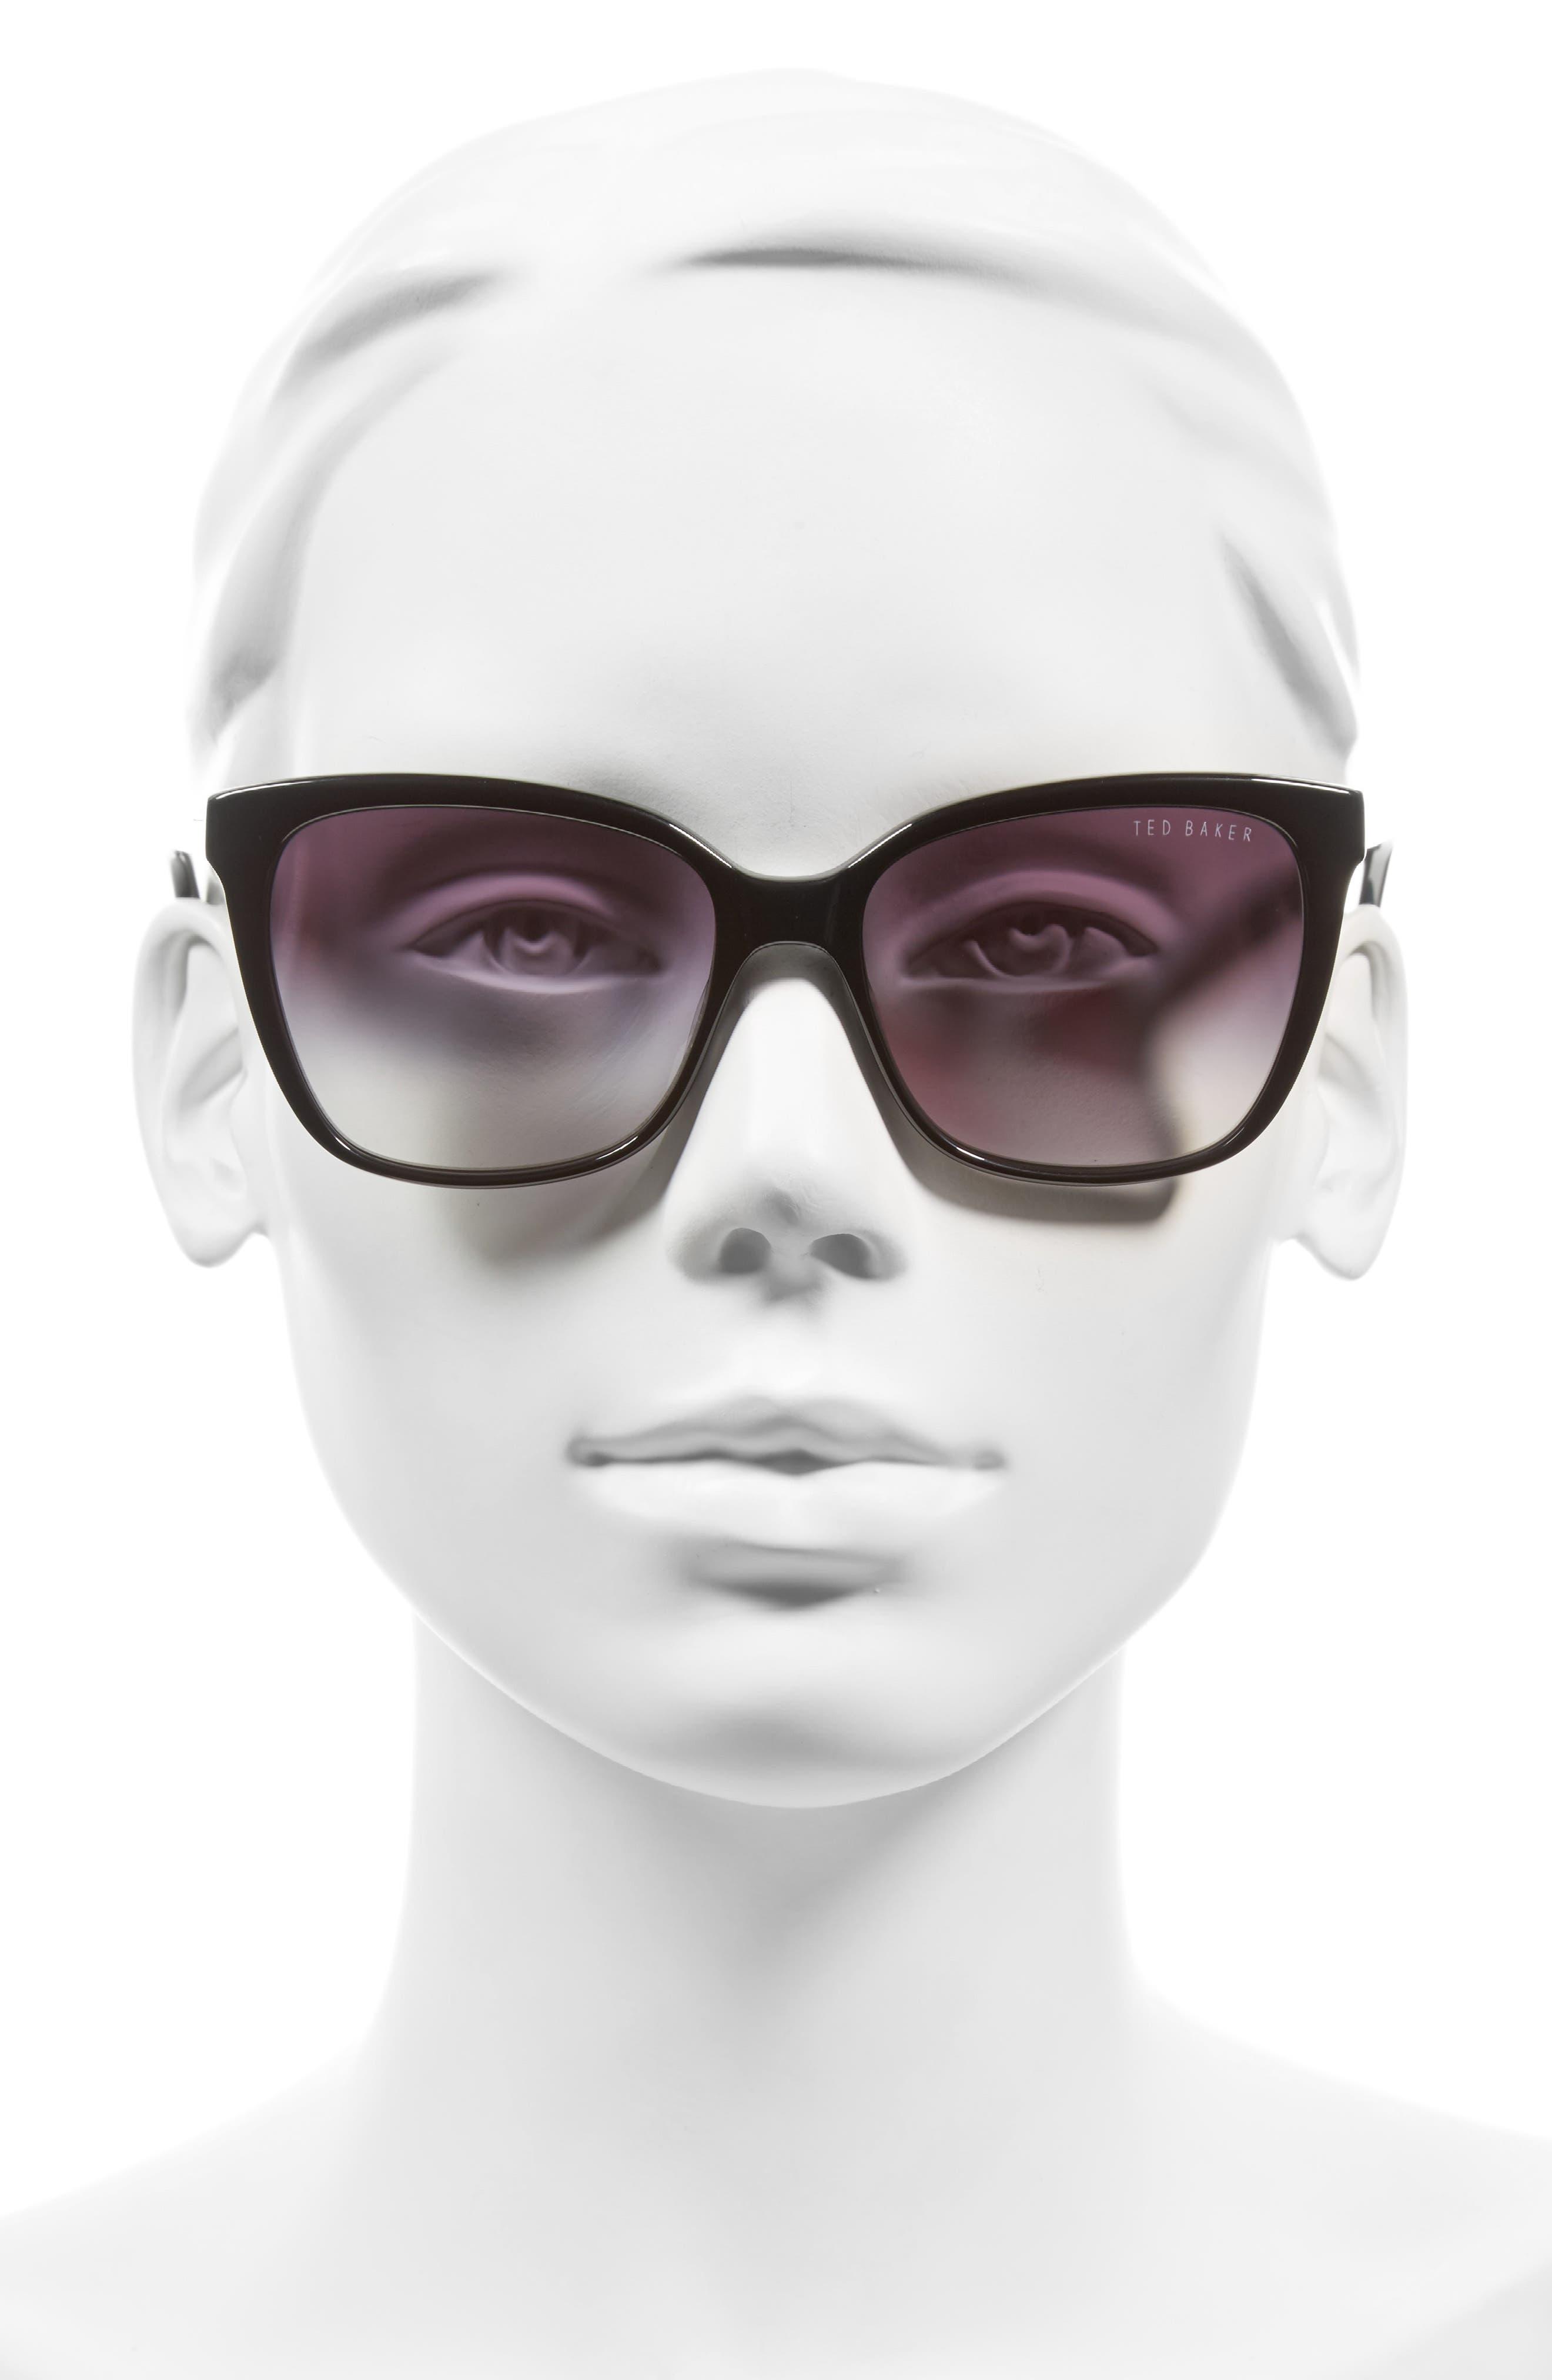 54mm Gradient Lens Square Sunglasses,                             Alternate thumbnail 2, color,                             001